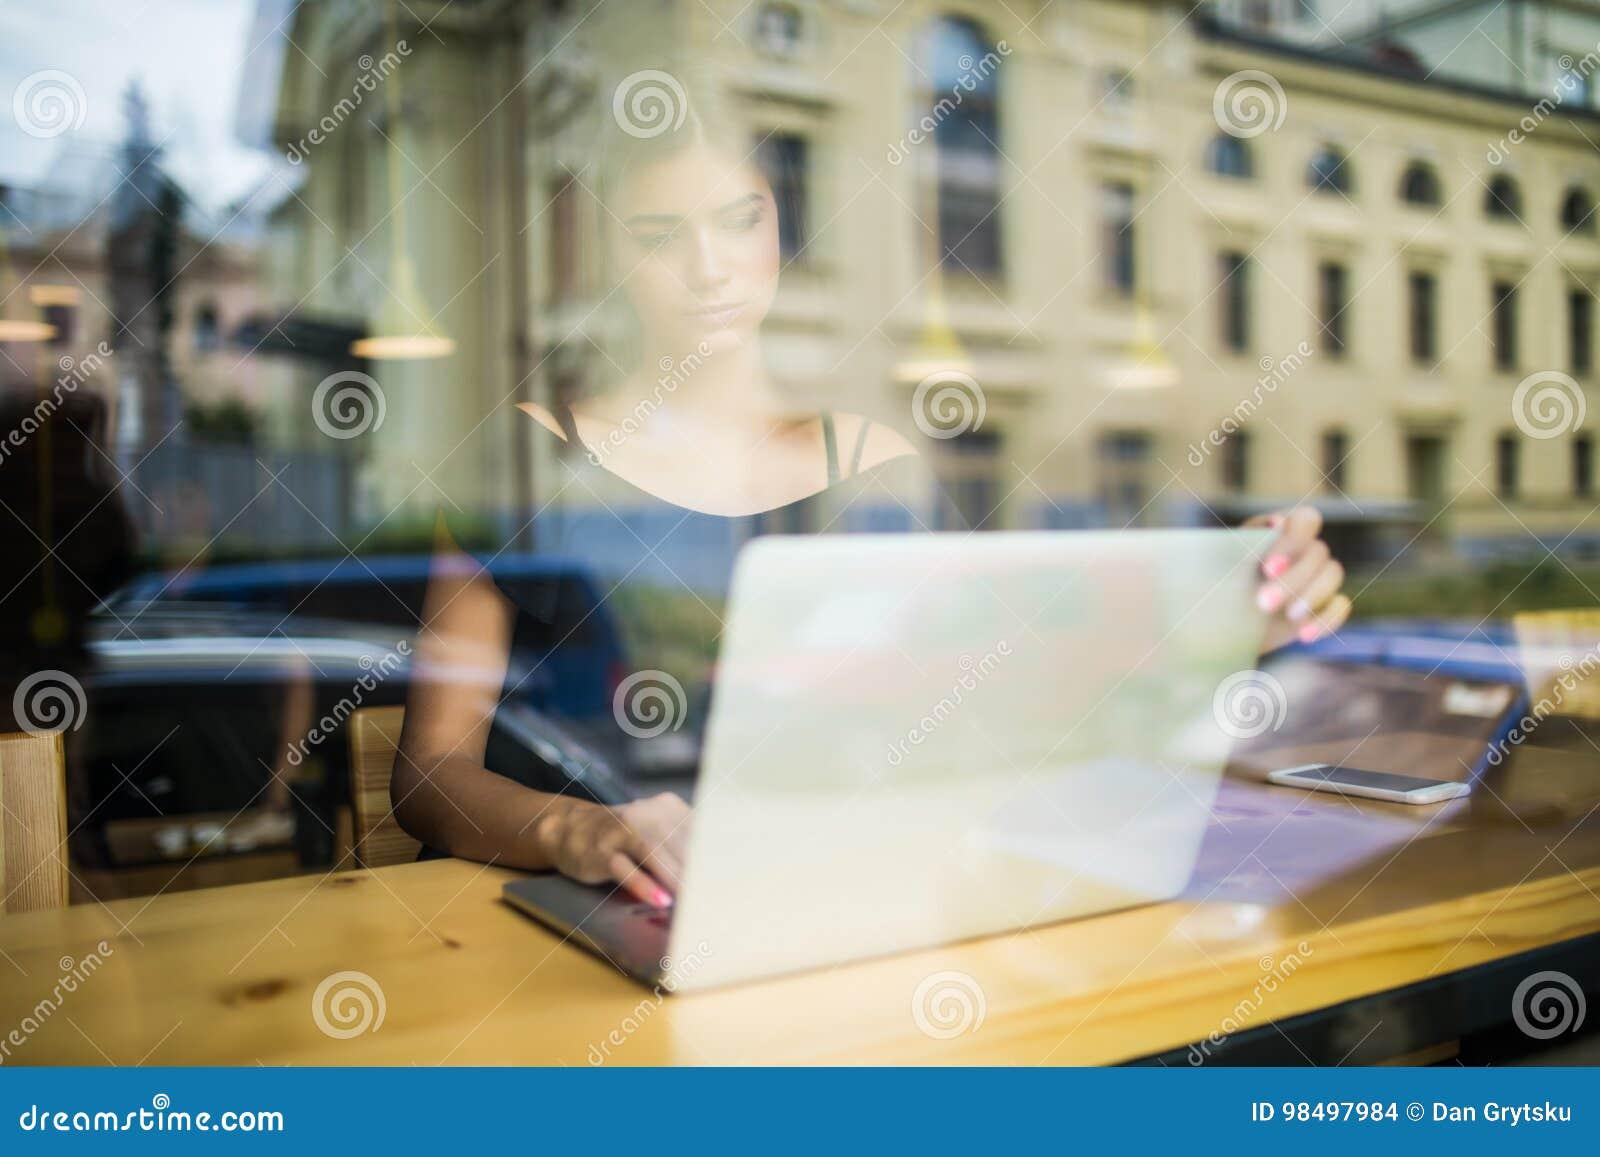 研究计算机的妇女在咖啡馆,当神色通过玻璃窗时